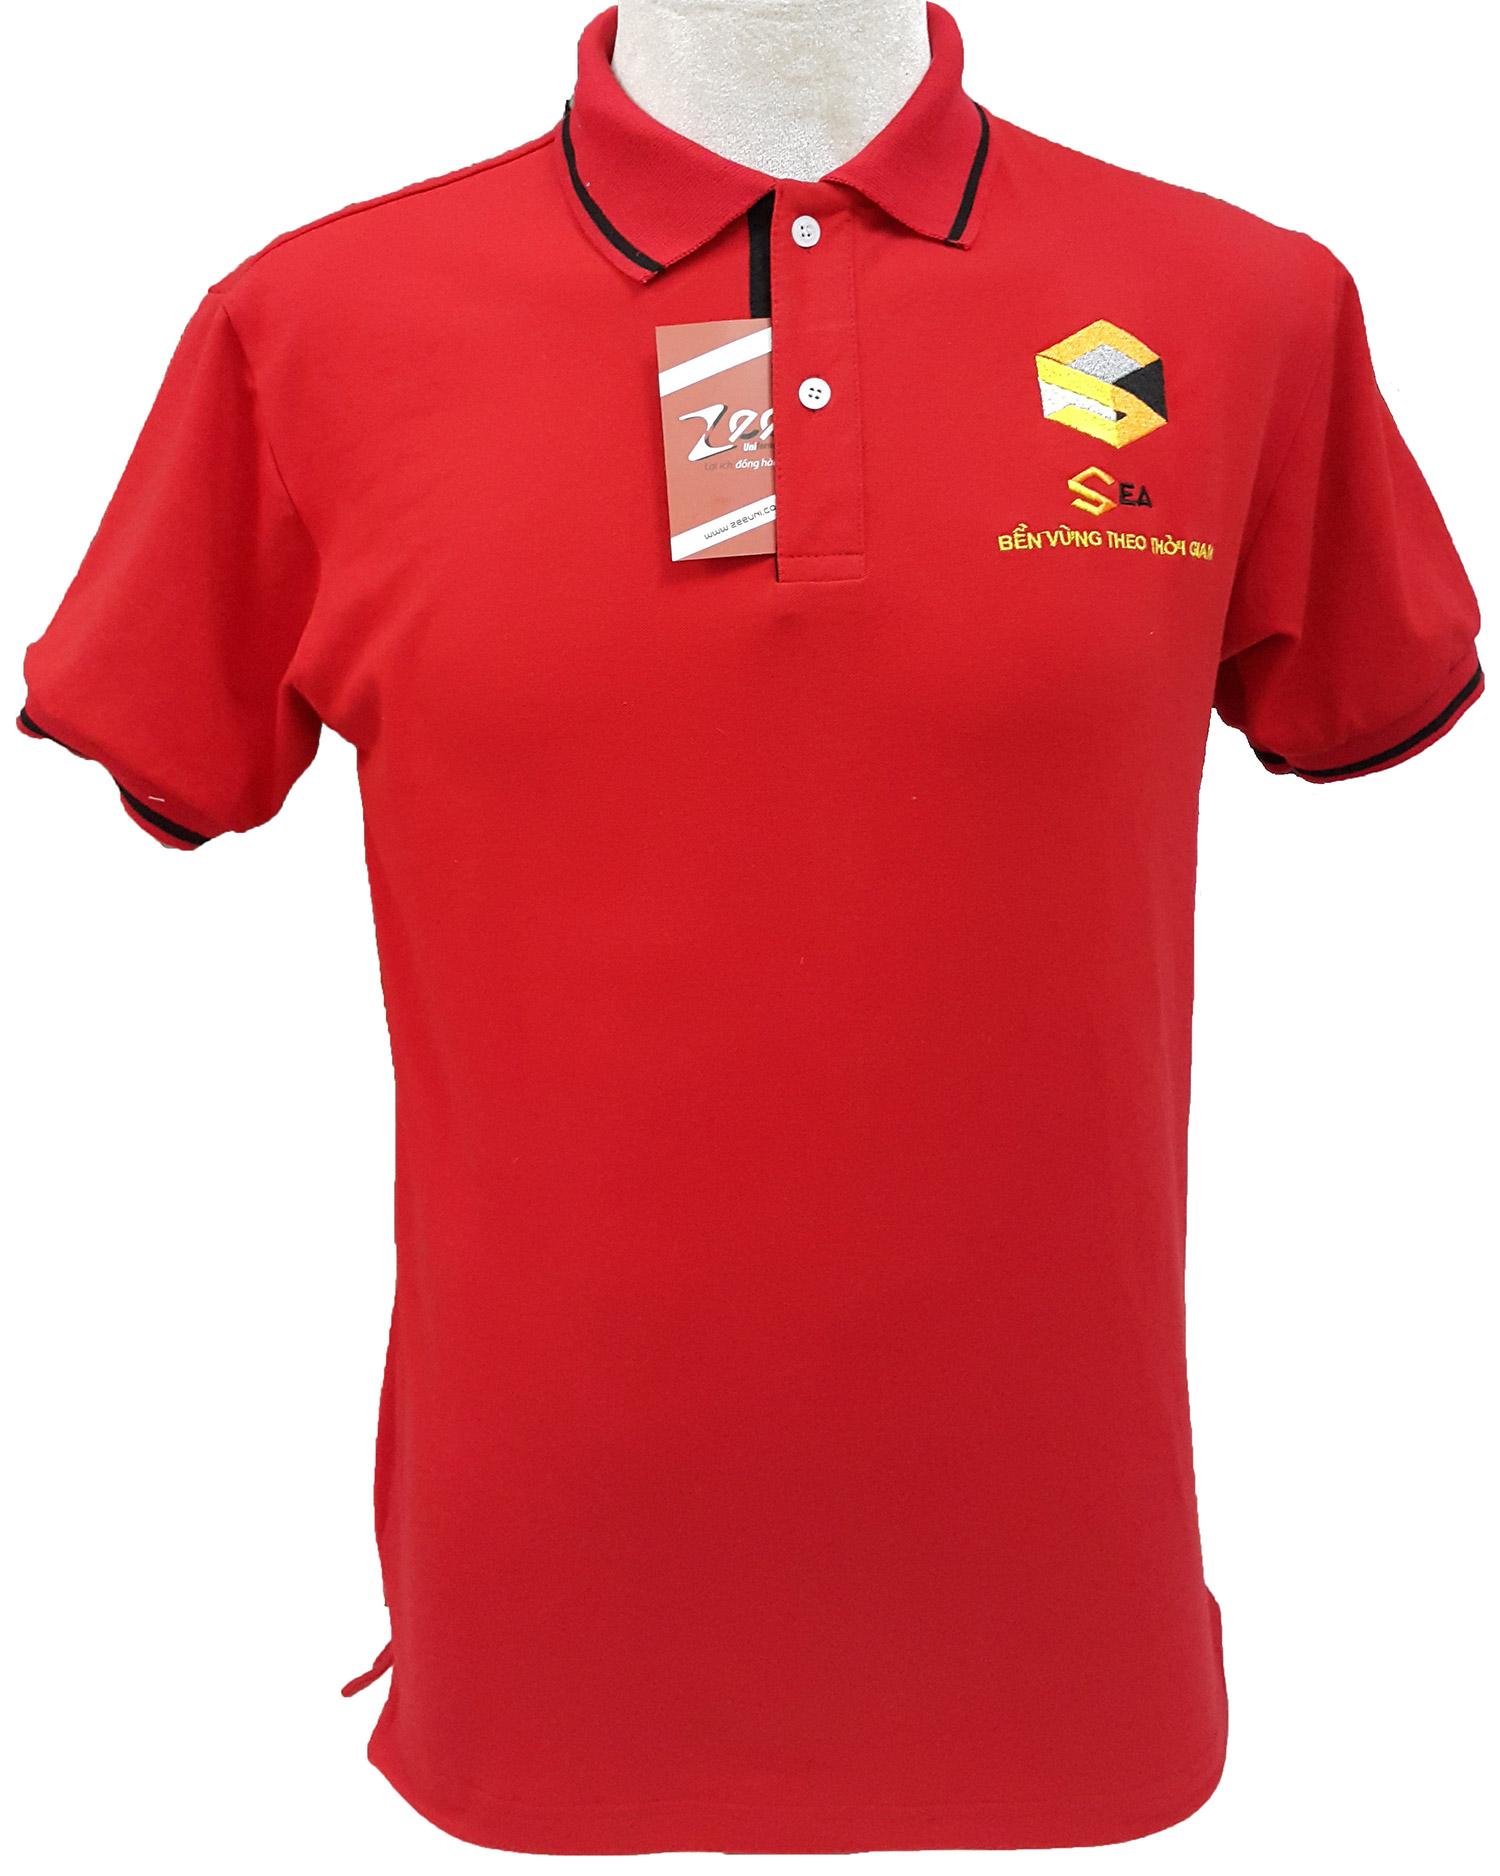 Mẫu áo thun đồng phục công sở của Sea - mặt trước